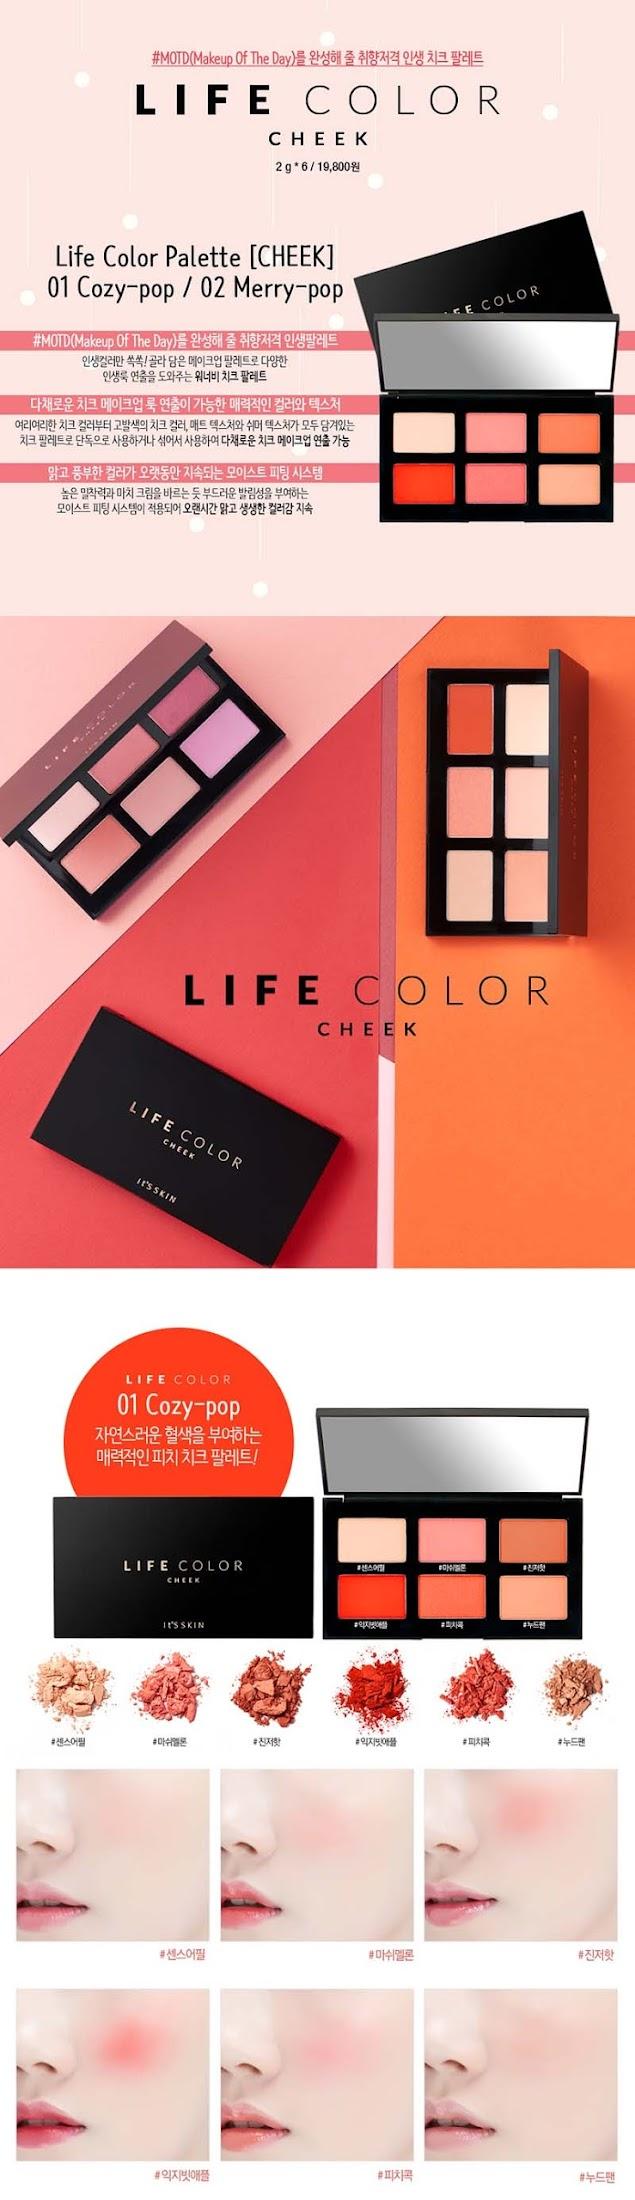 It's Skin Life Color Palette Cheek #Cozy Pop Review